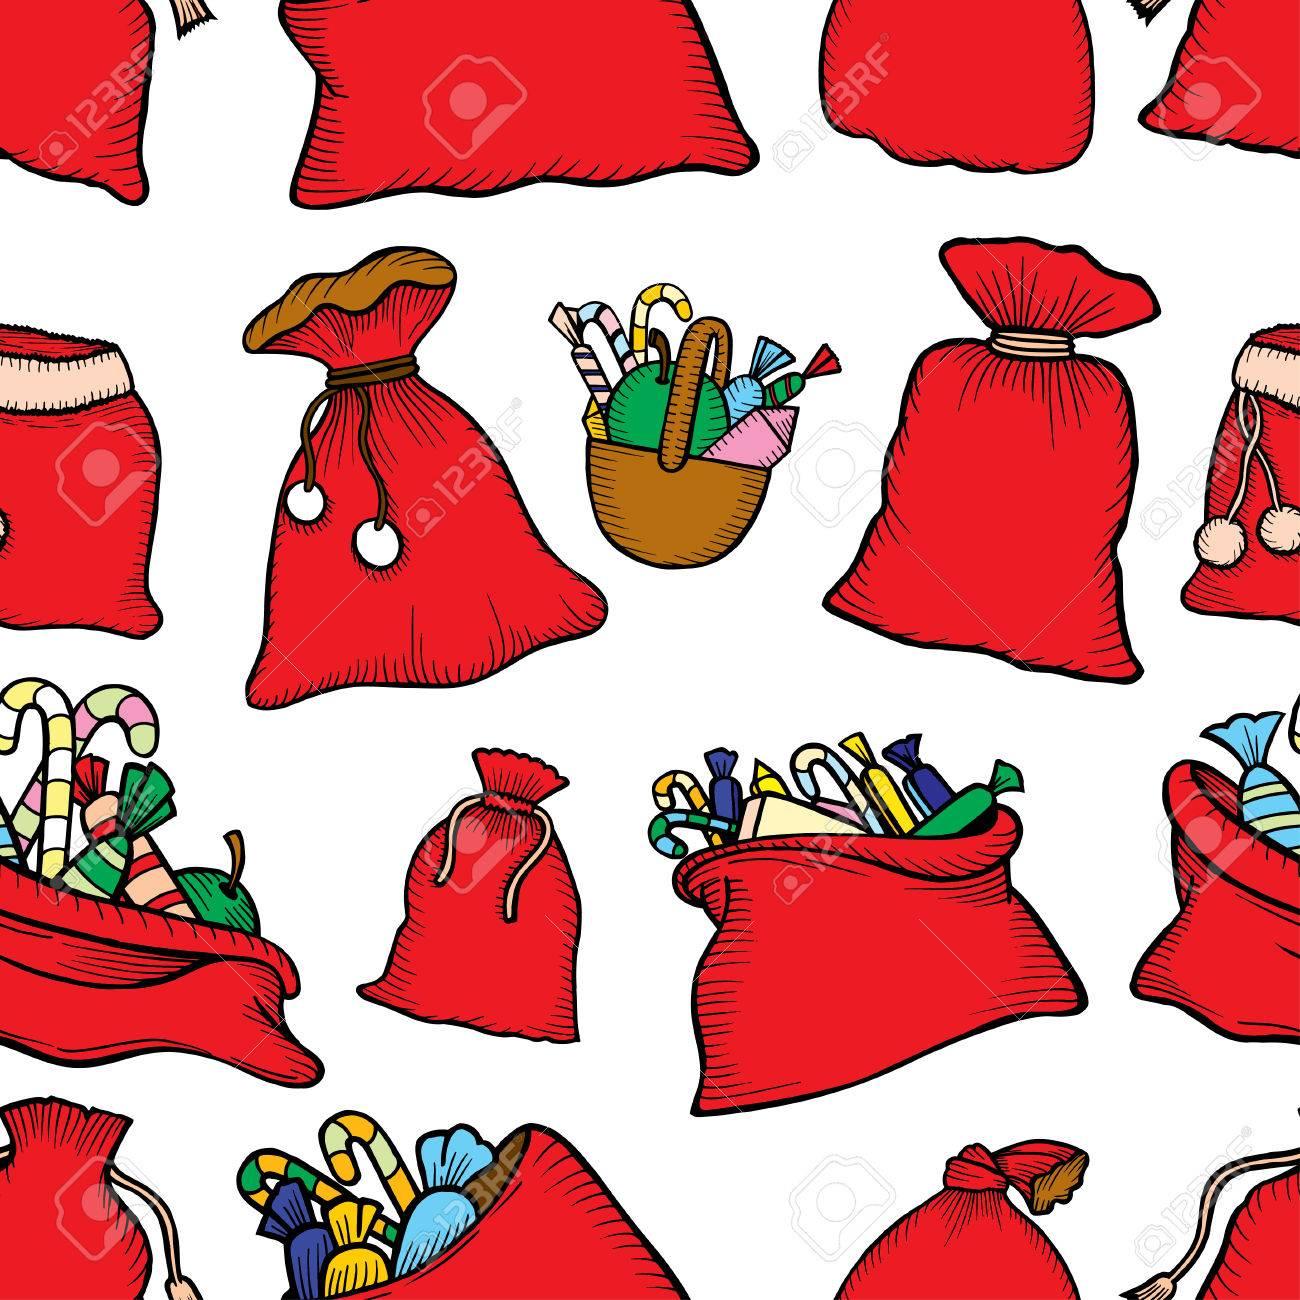 Forme Transparente Décorations De Noël Sacs Cadeaux Avec Des Bonbons.  Imprimer Pour La Nouvelle Année. Fond D'écran Vectoriel encequiconcerne Décorations De Noel À Imprimer